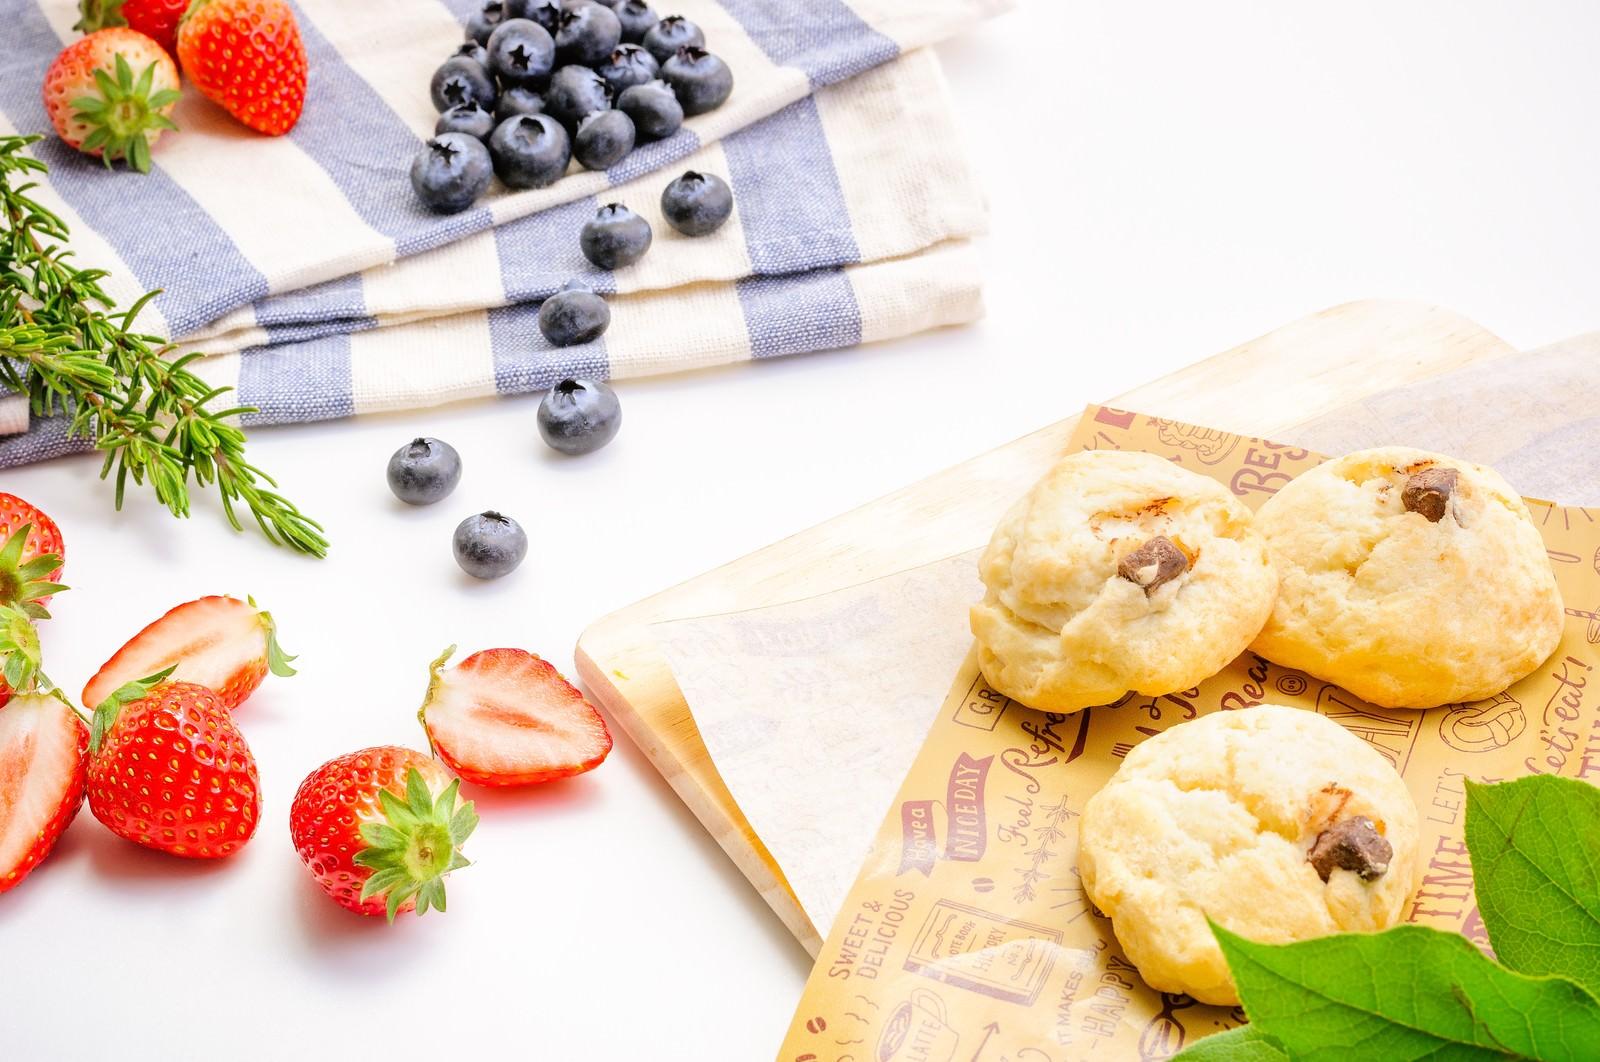 「朝食は美味しいフルーツ(苺とブルーベリー)」の写真